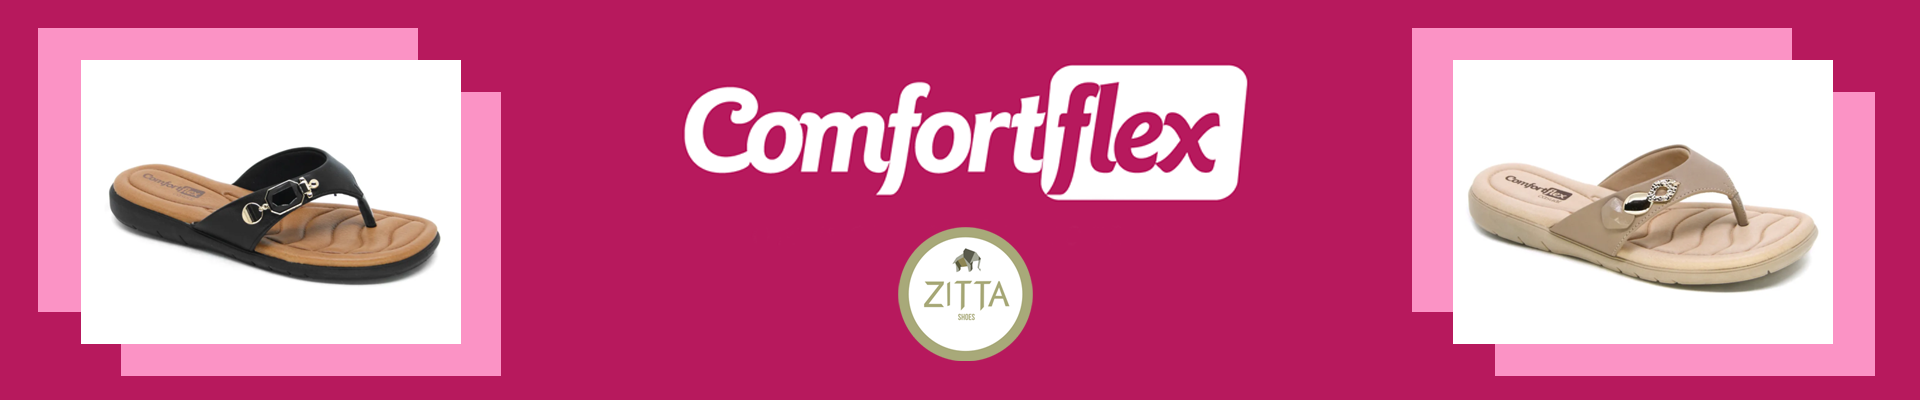 Confira nossos produtos da marca Comfortflex